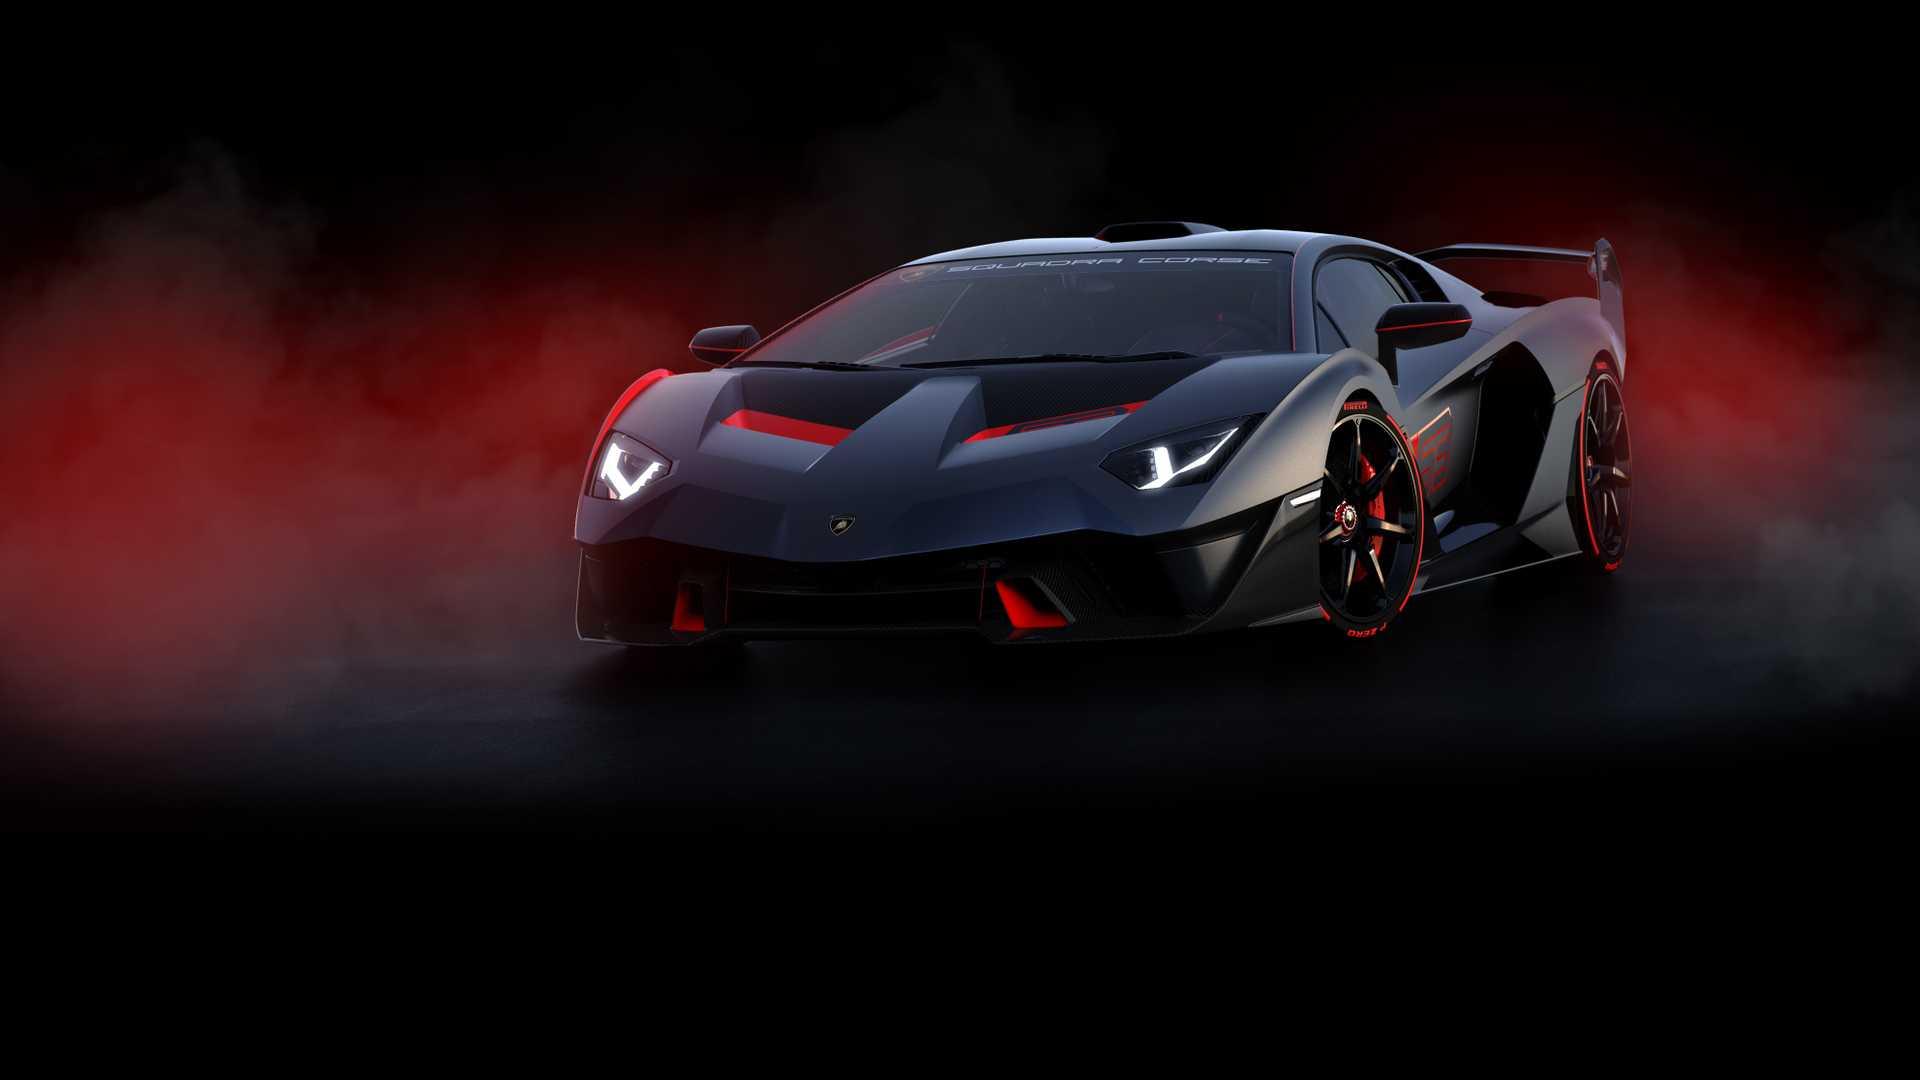 Lamborghini Aventador Turns Into Sc18 Thanks To Squadra Corse